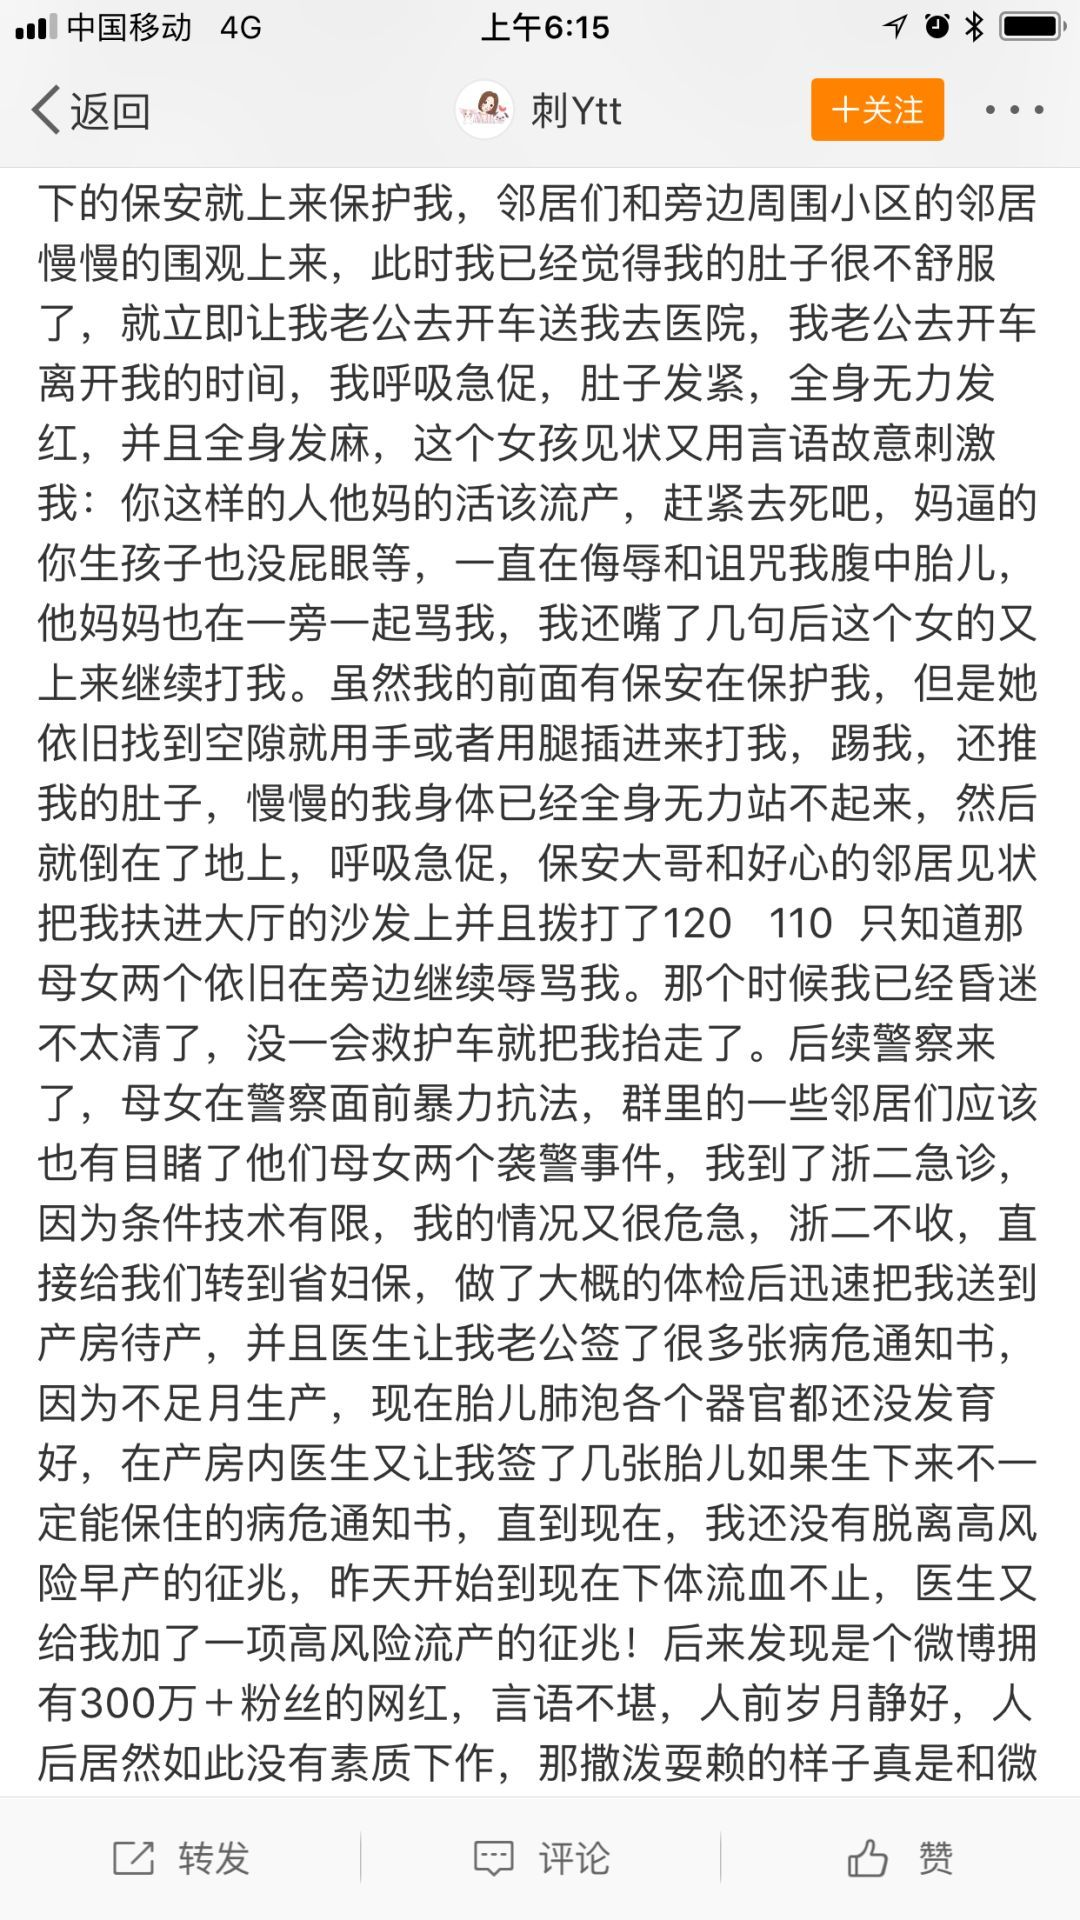 杭州网红因狗与孕妇产生肢体冲突,致其先兆早产 警方深夜回应